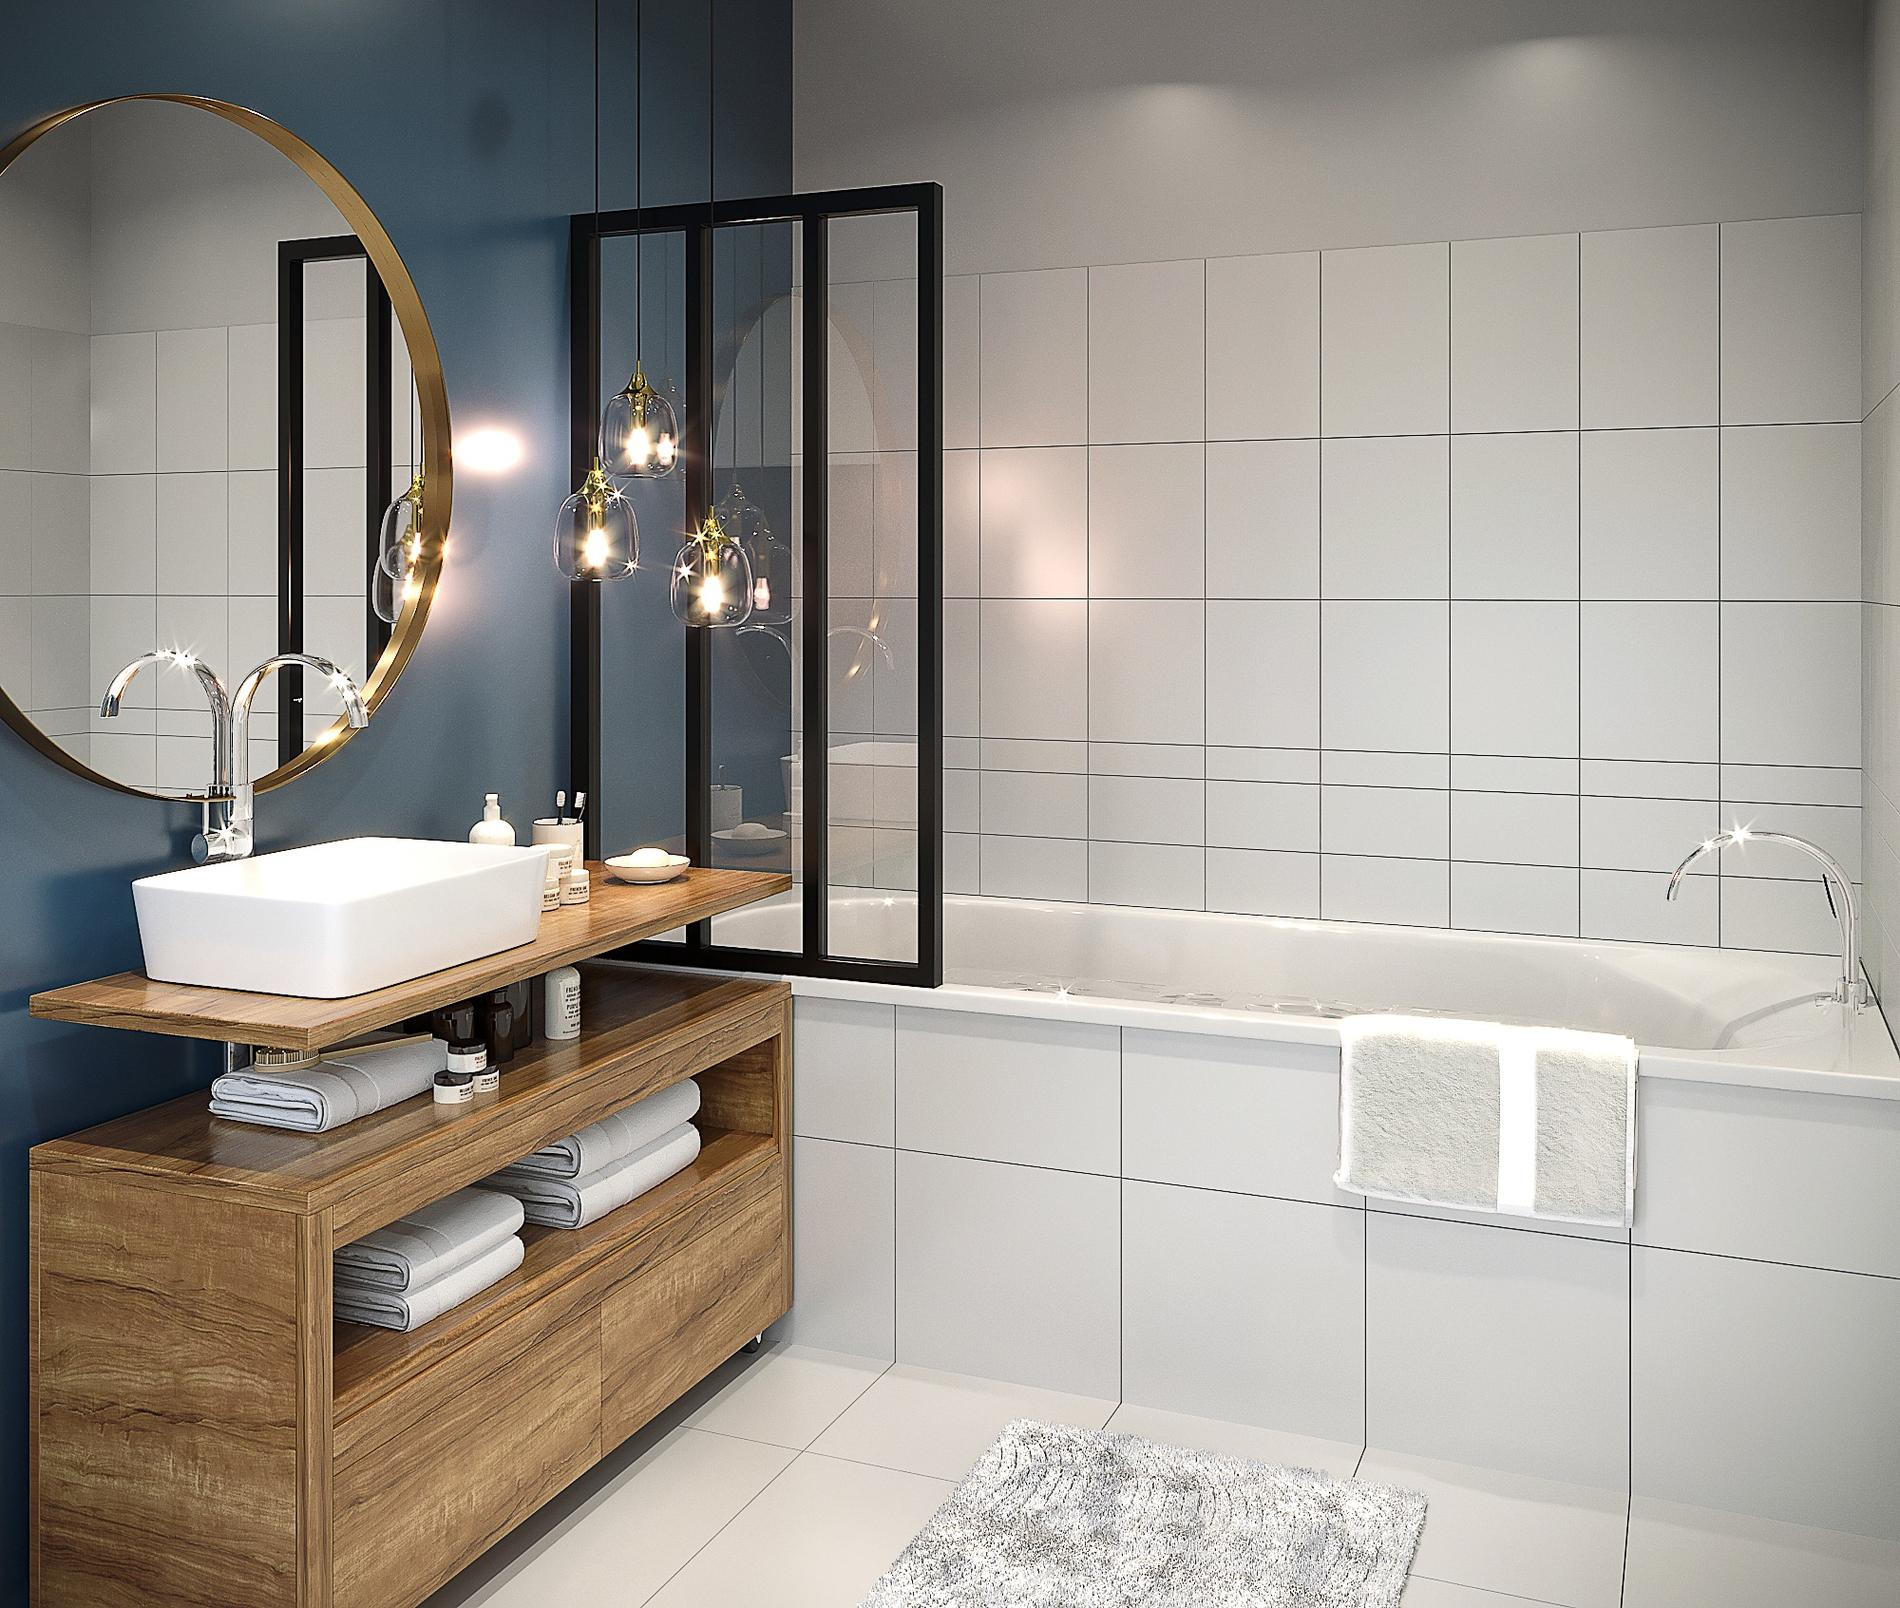 Comment relooker une salle de bains madame figaro for Surface d une salle de bain